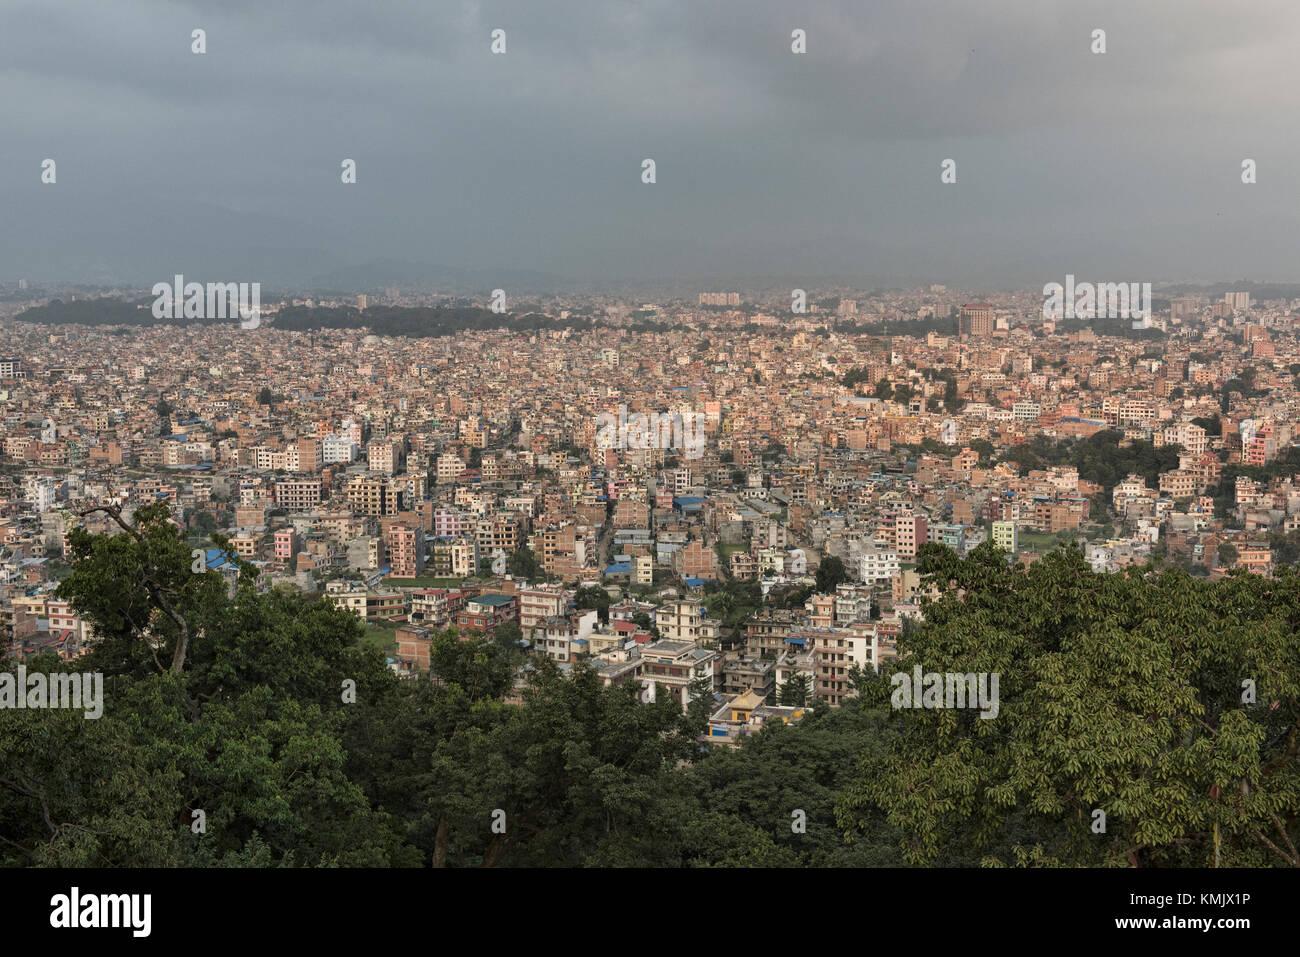 View of the Kathmandu sprawl from Swayambhunath Temple, Kathmandu, Nepal - Stock Image